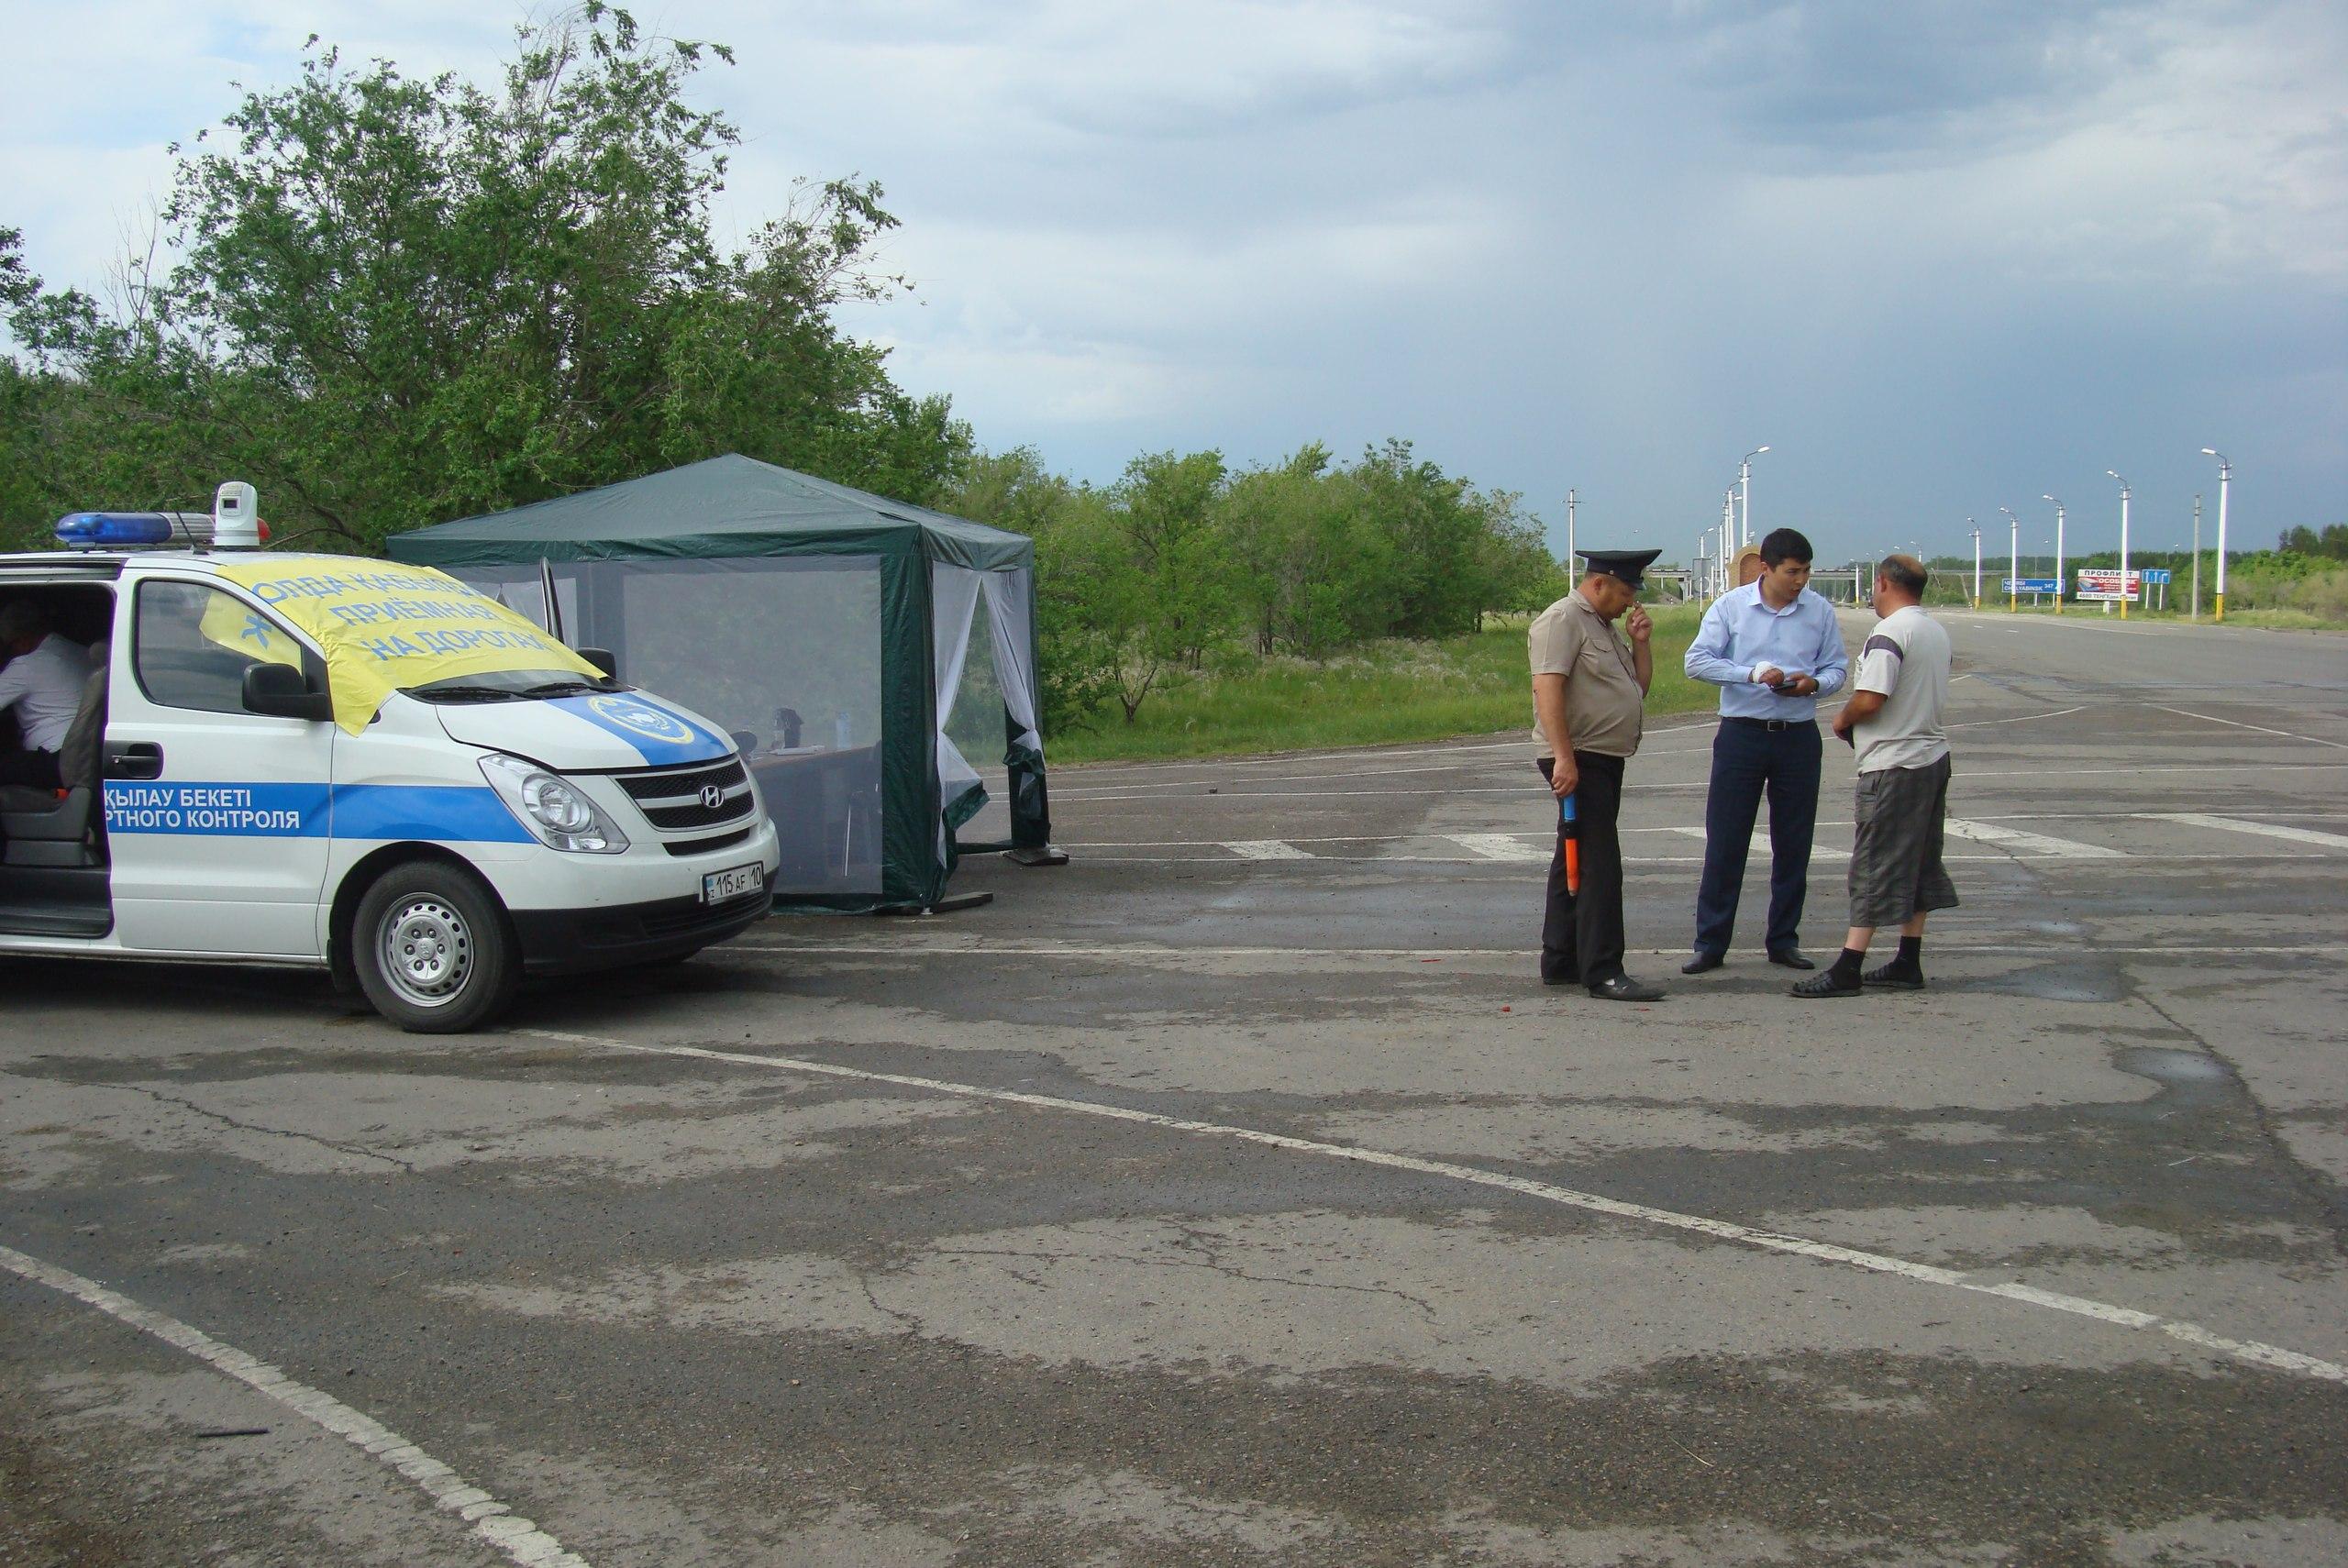 Сфера транспортного контроля в Казахстане самая коррупционная – АДГСПК